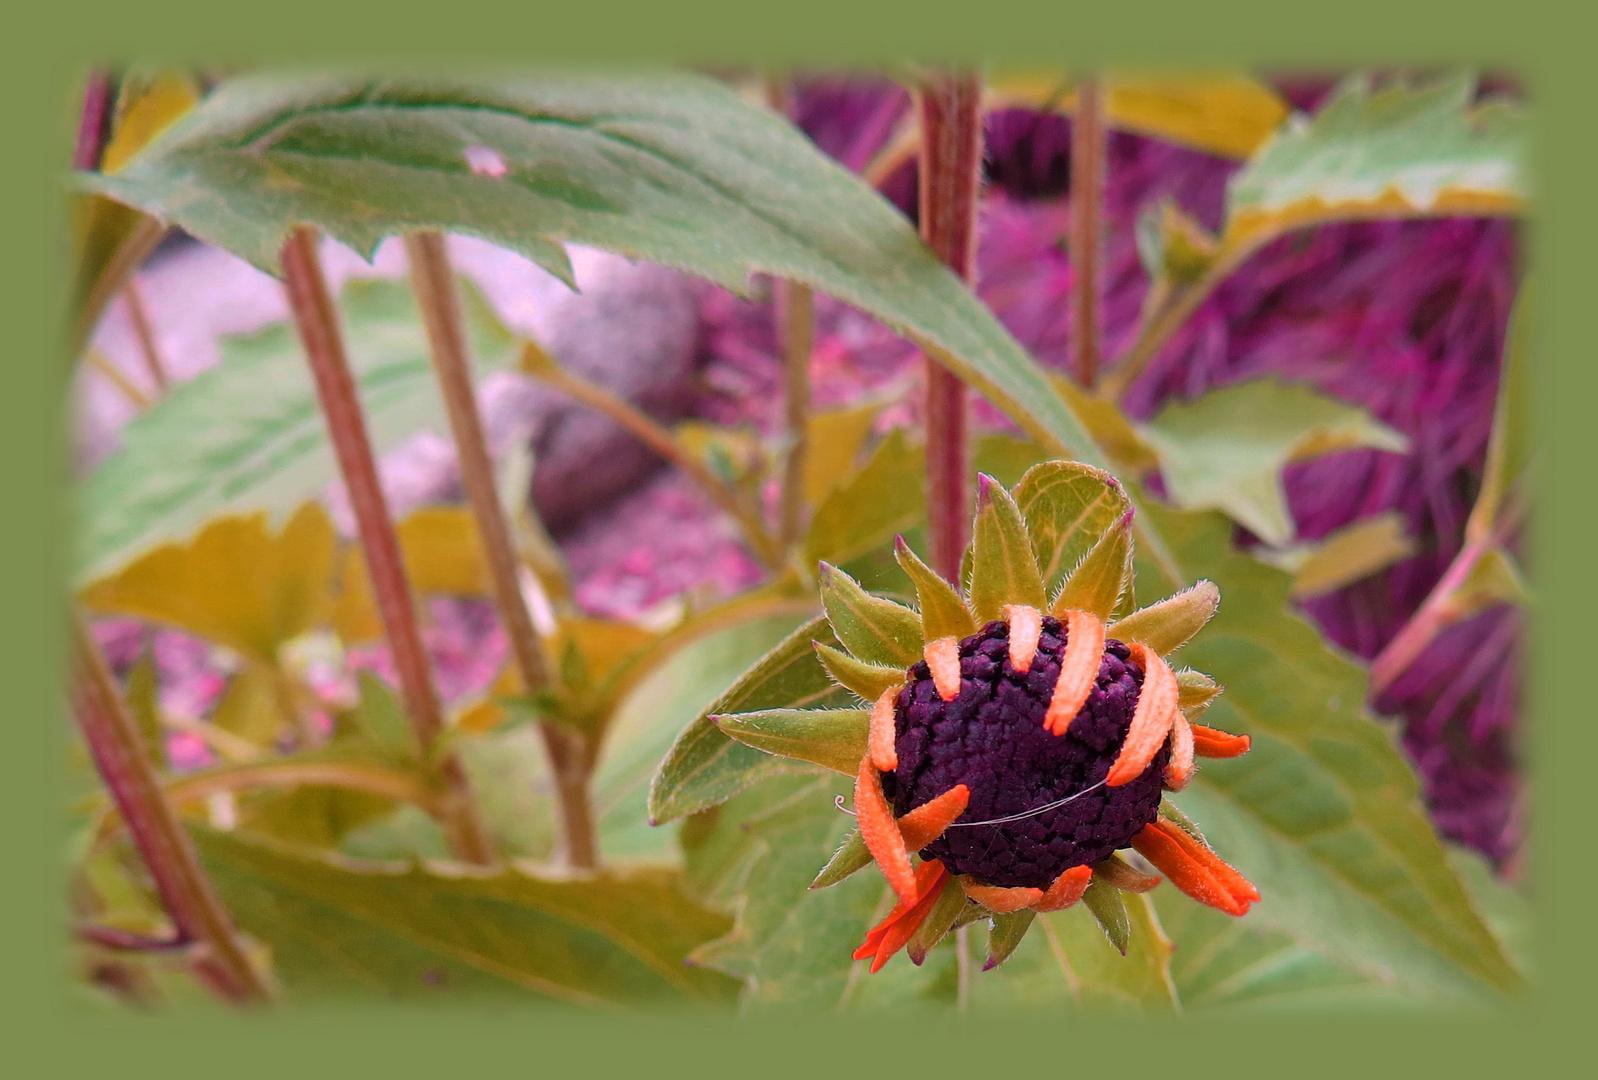 junge kleine Margerite - noch keine Blütenöffnung